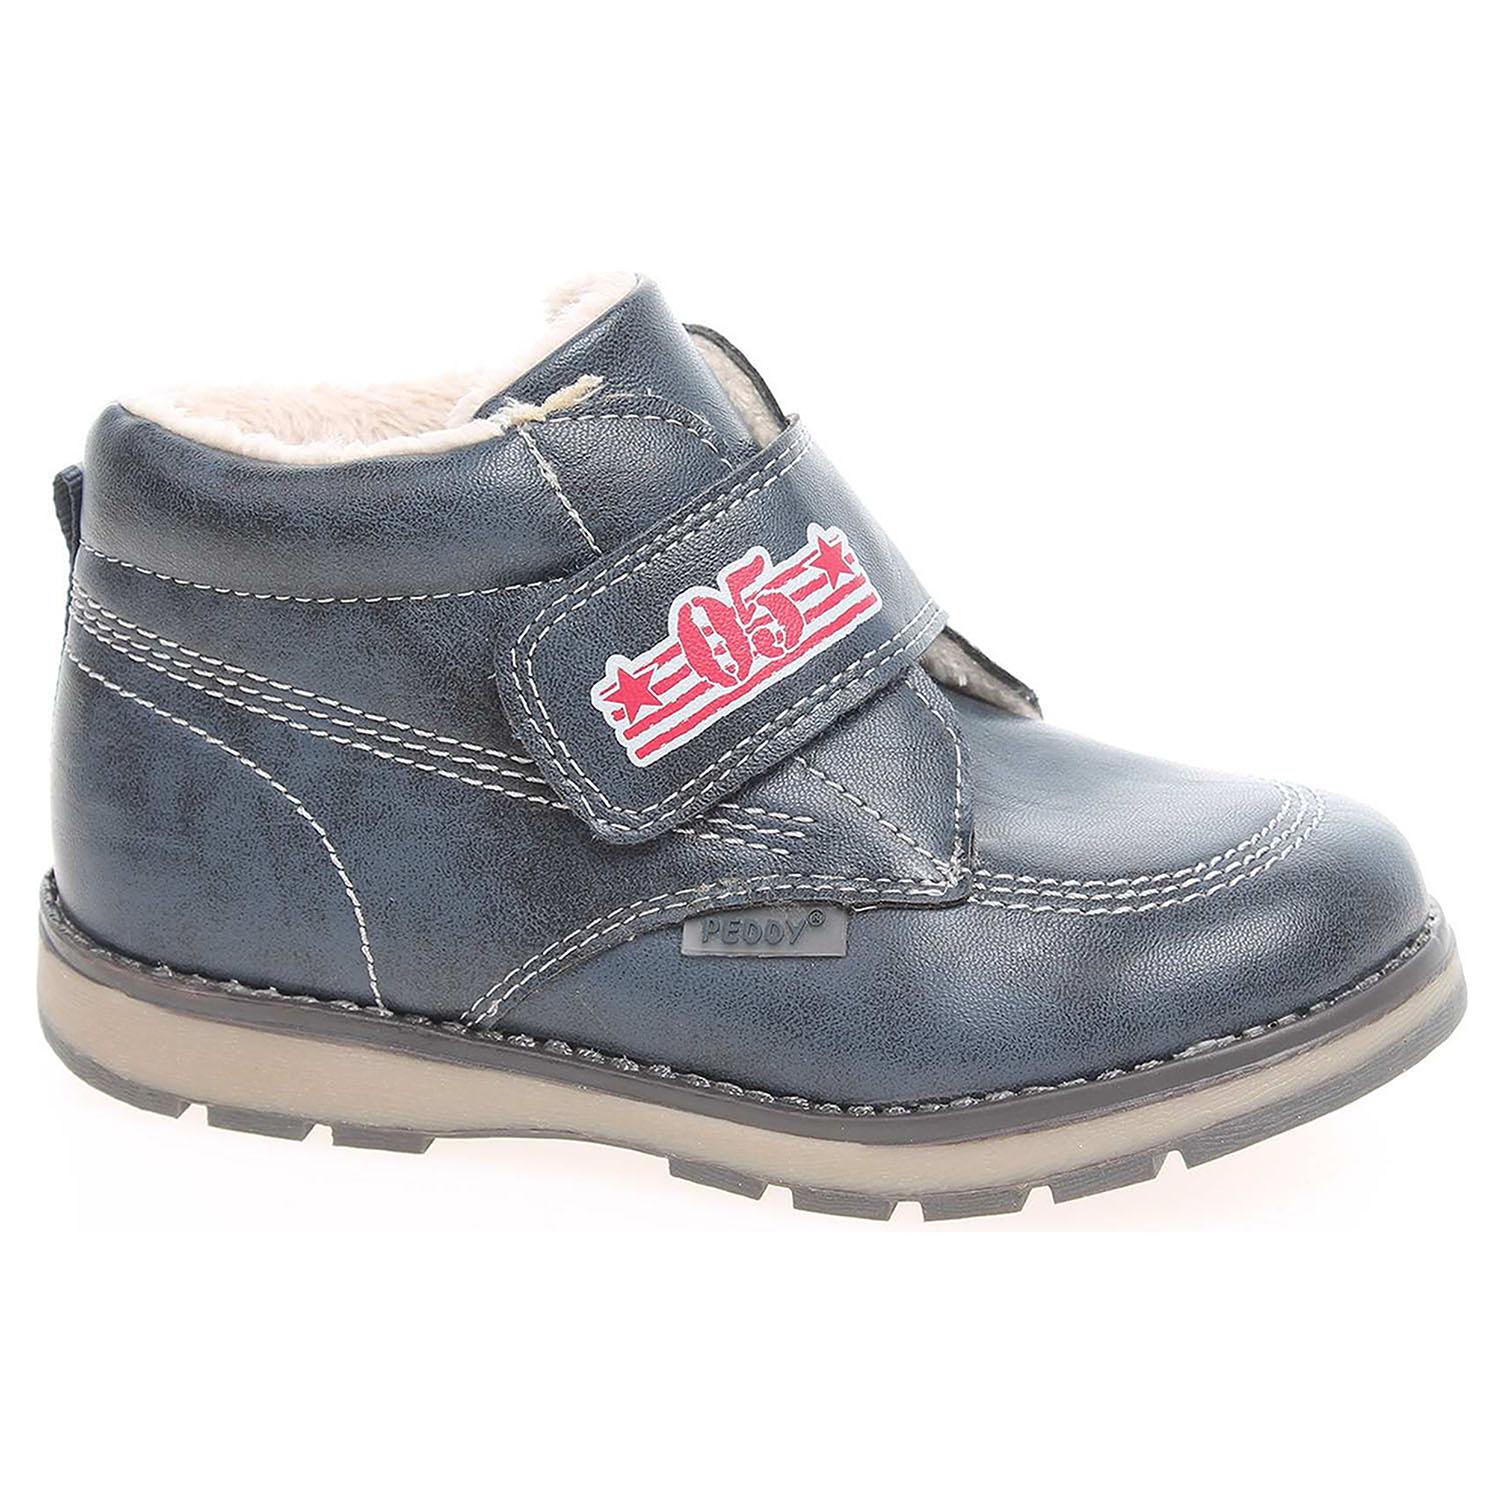 0fa29fd5403a5 Ecco Chlapecká kotníková obuv Peddy PT-636-37-17 modré 29400070